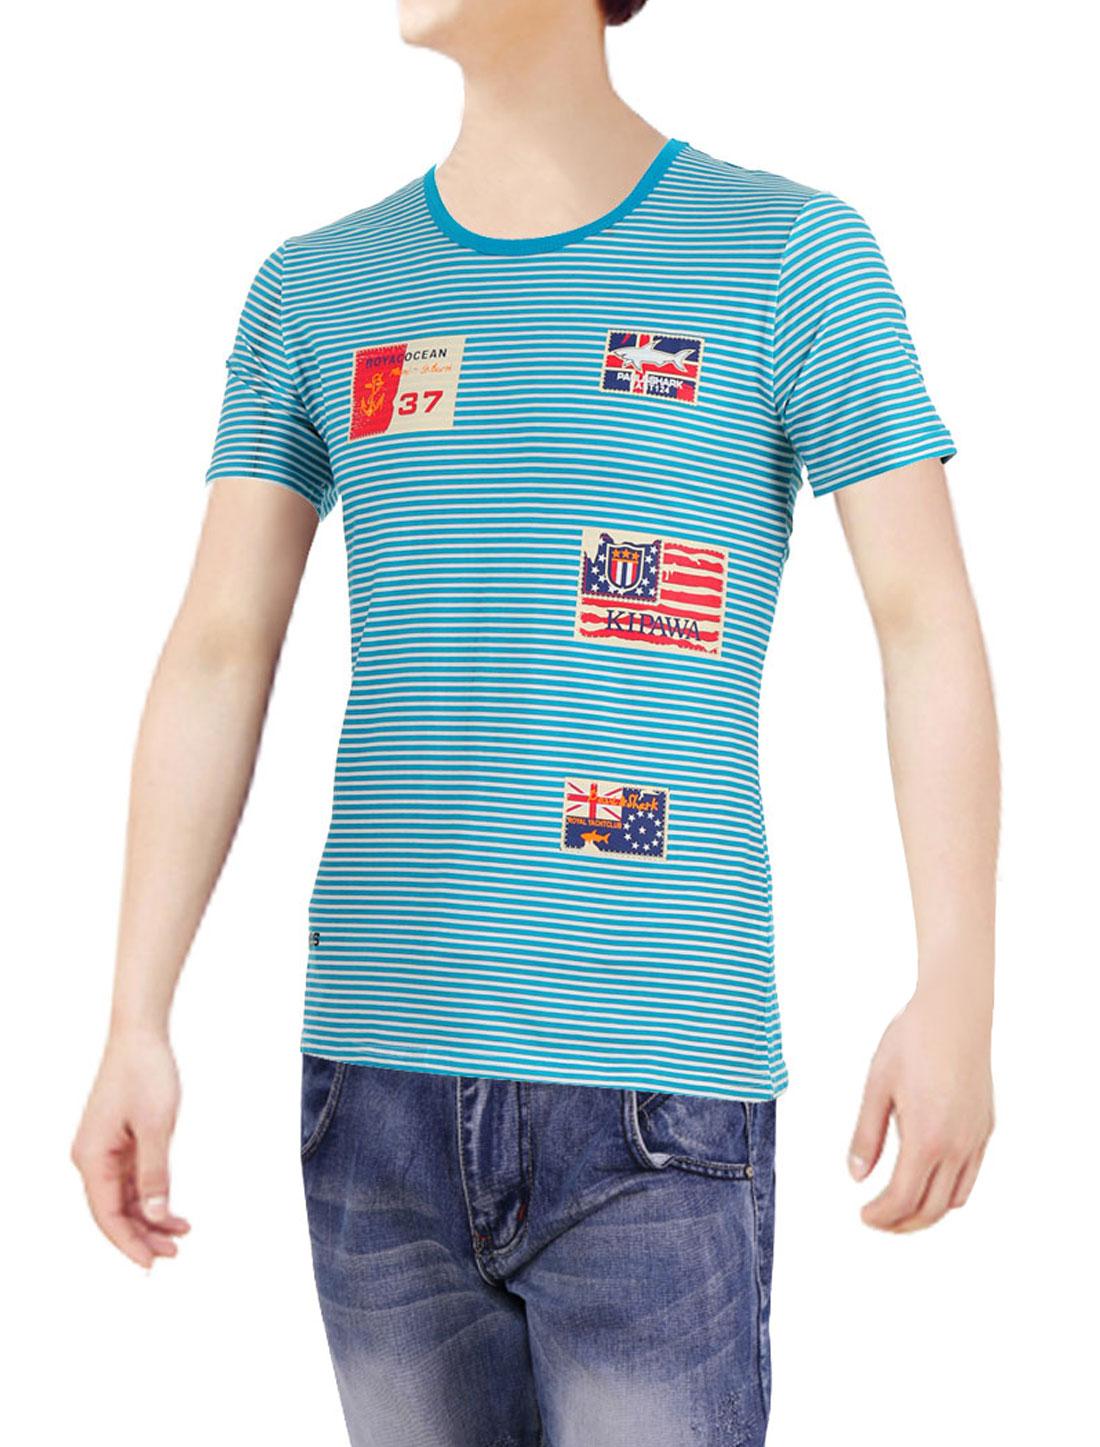 Men Pullover Short Sleeve Letter Prints Shirt Turquoise White M